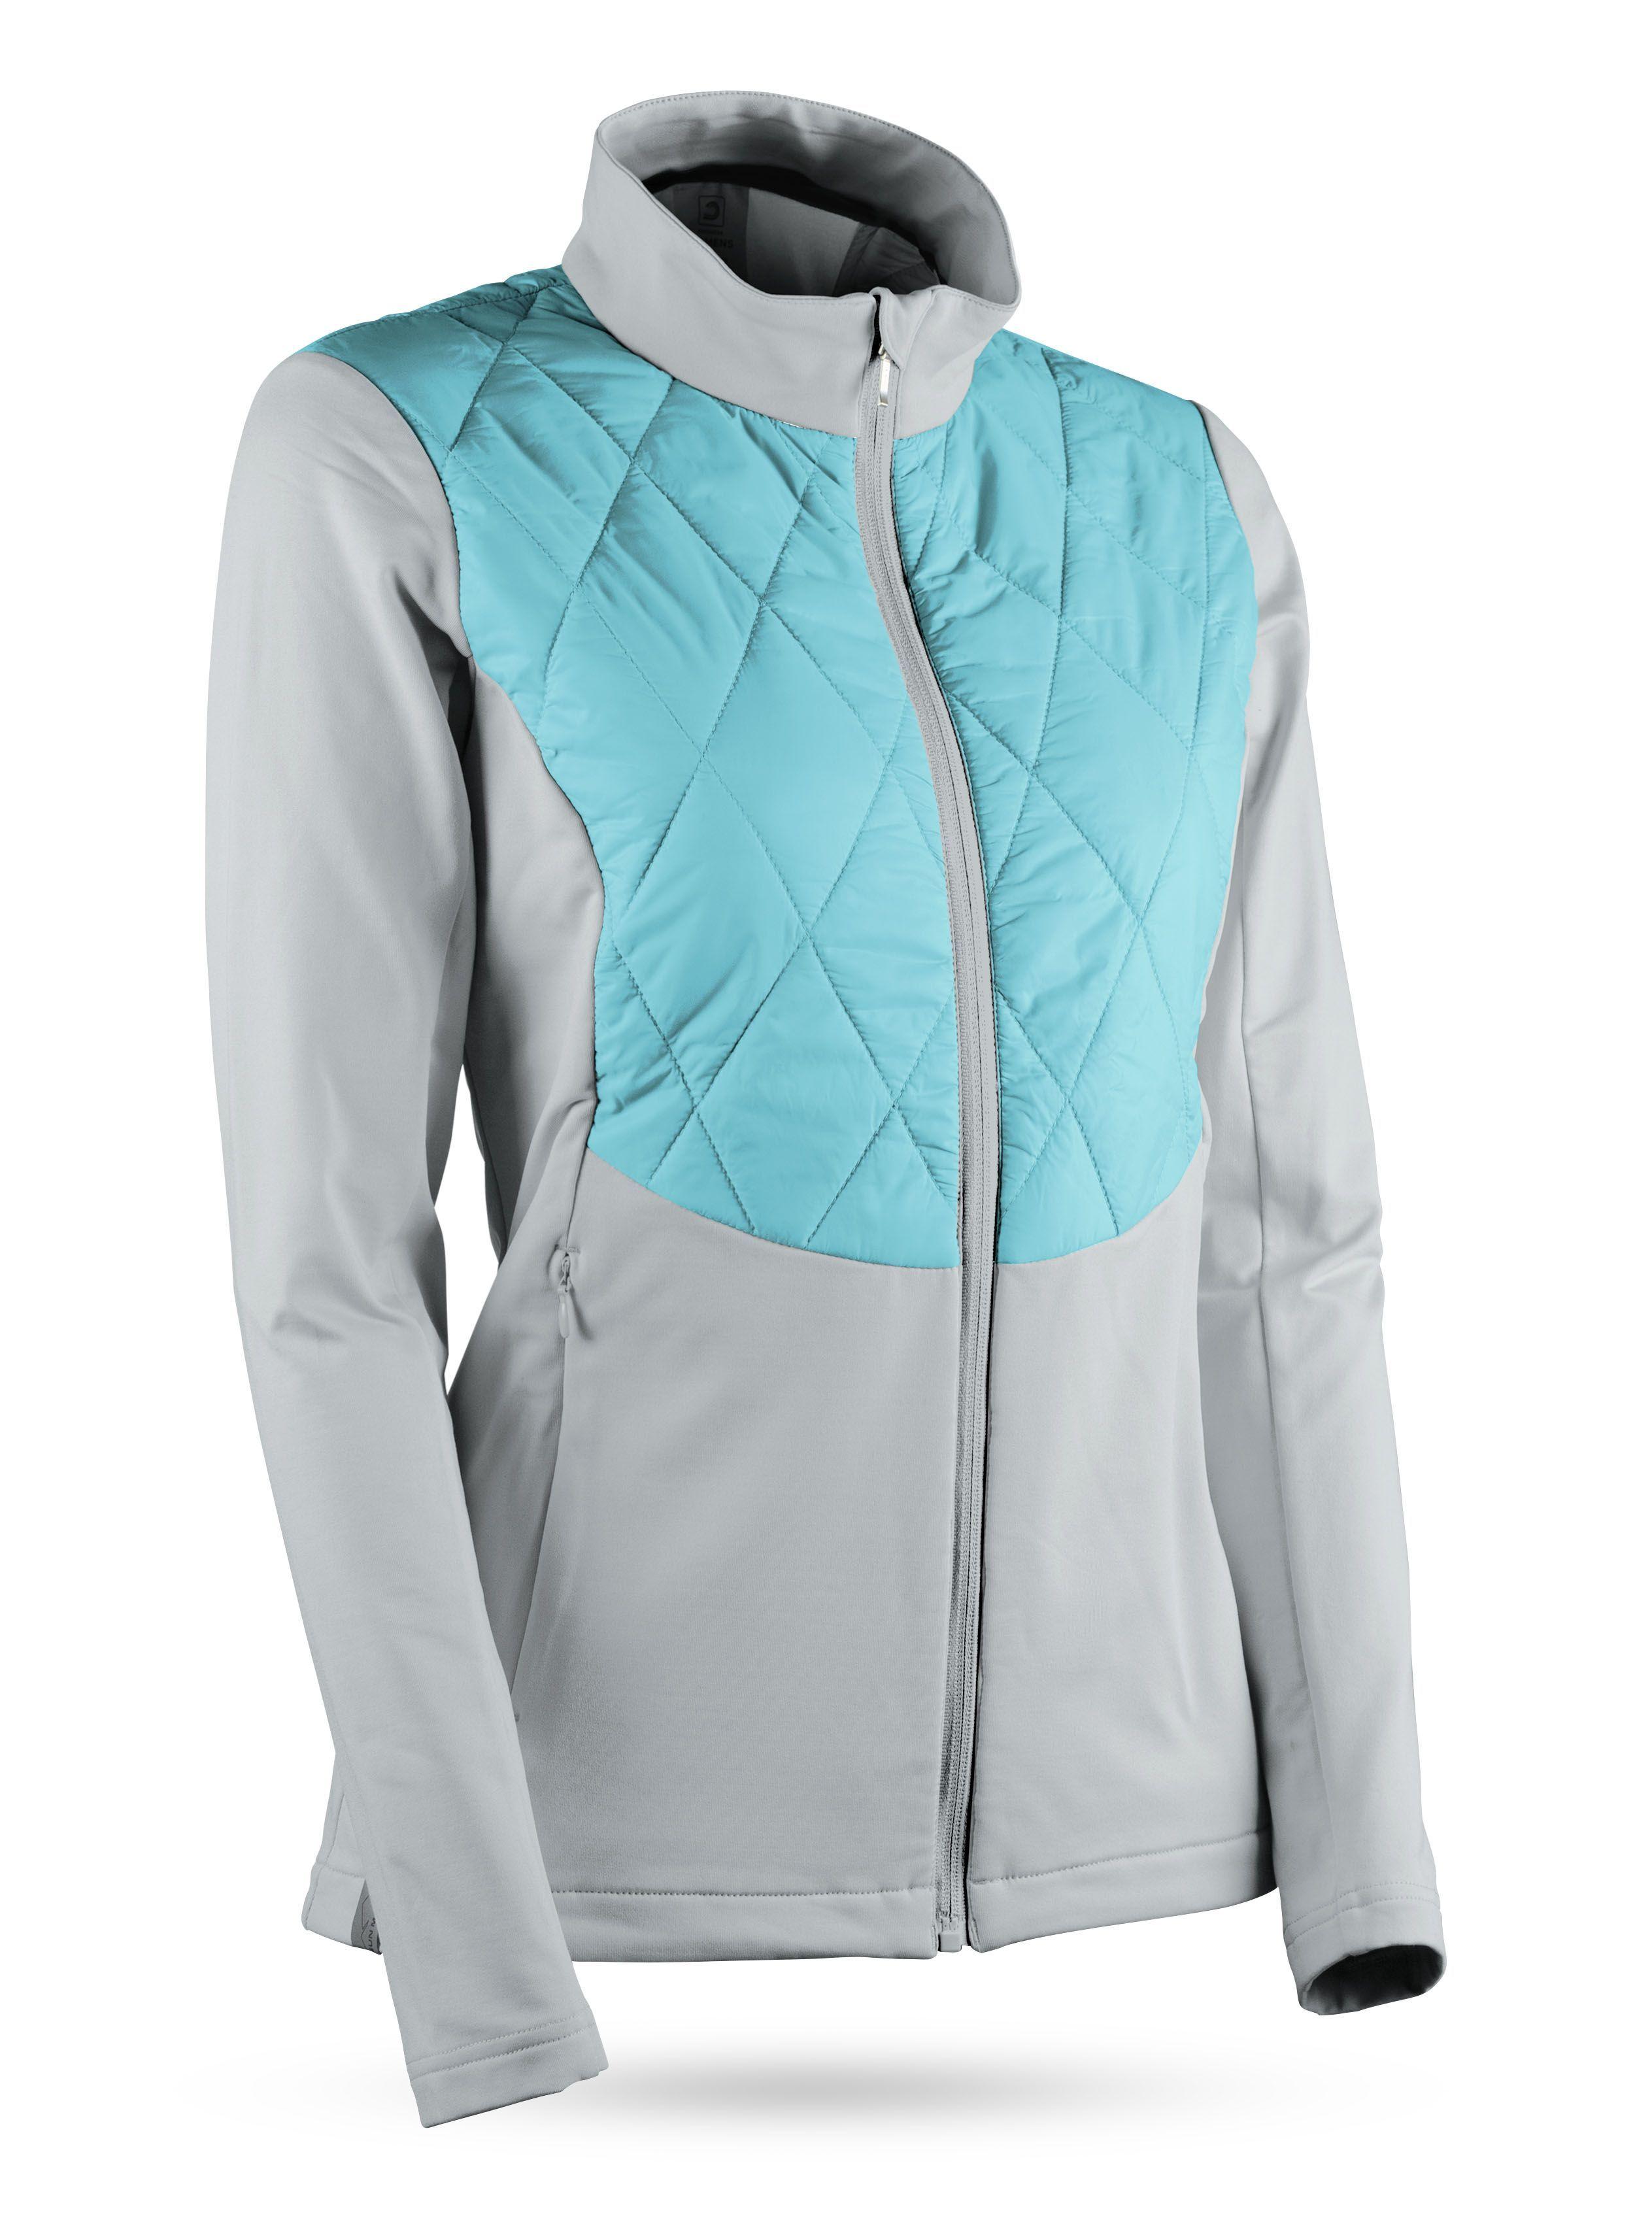 Women S At Hybrid Jacket Golf Outerwear Apparel Sun Mountain Golf Outfit Golf Jackets Golf Attire [ 3393 x 2527 Pixel ]